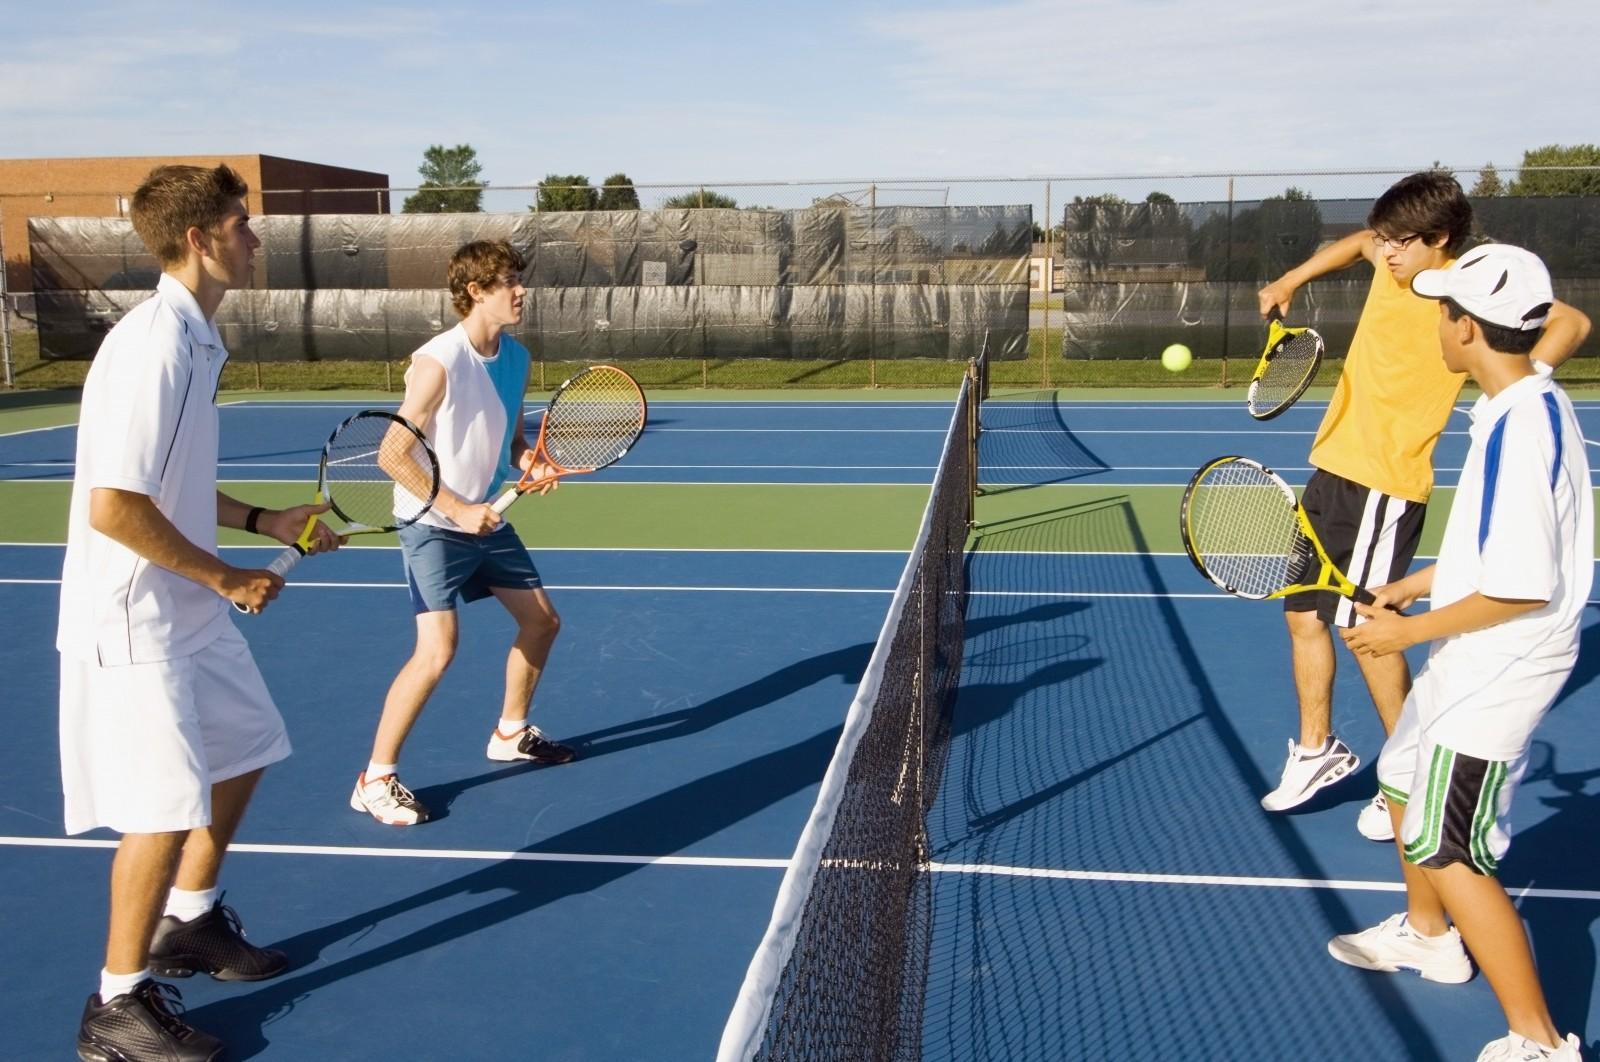 Ecole de tennis pour enfants et adultes for Un cours de tennis